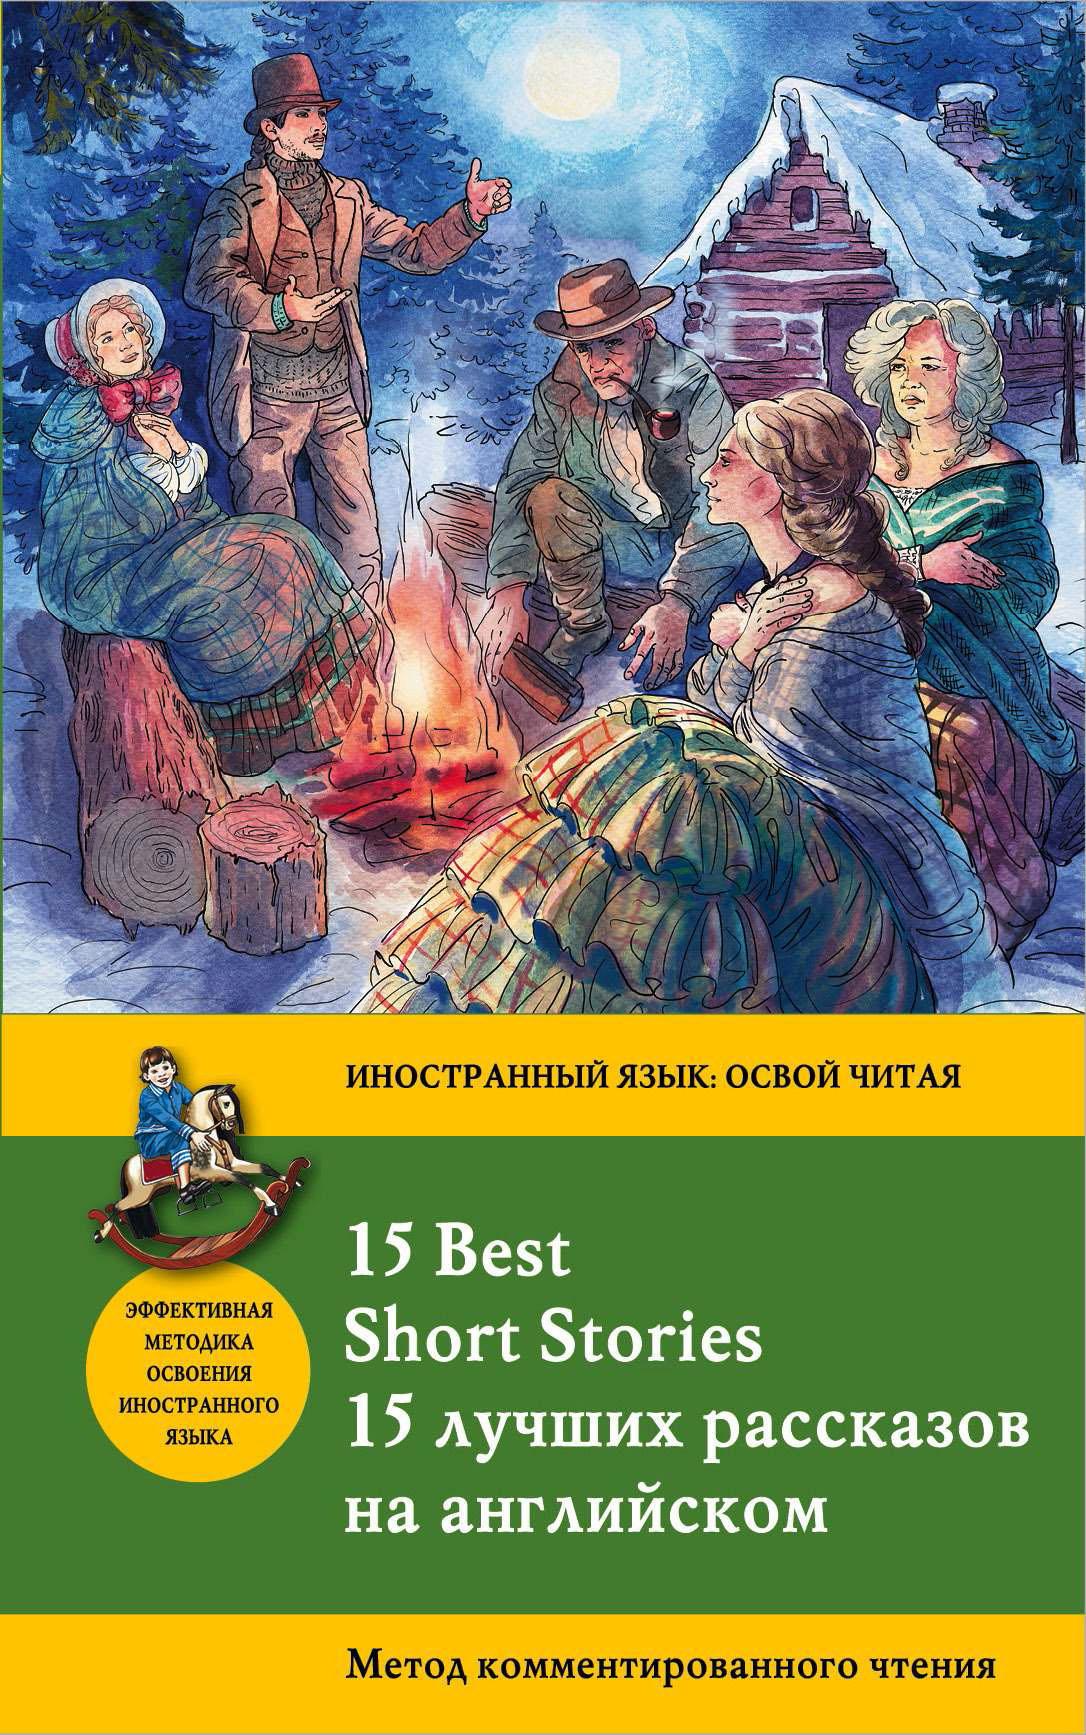 15 luchshikh rasskazov na angliyskom 15 best short stories metod kommentirovannogo chteniya